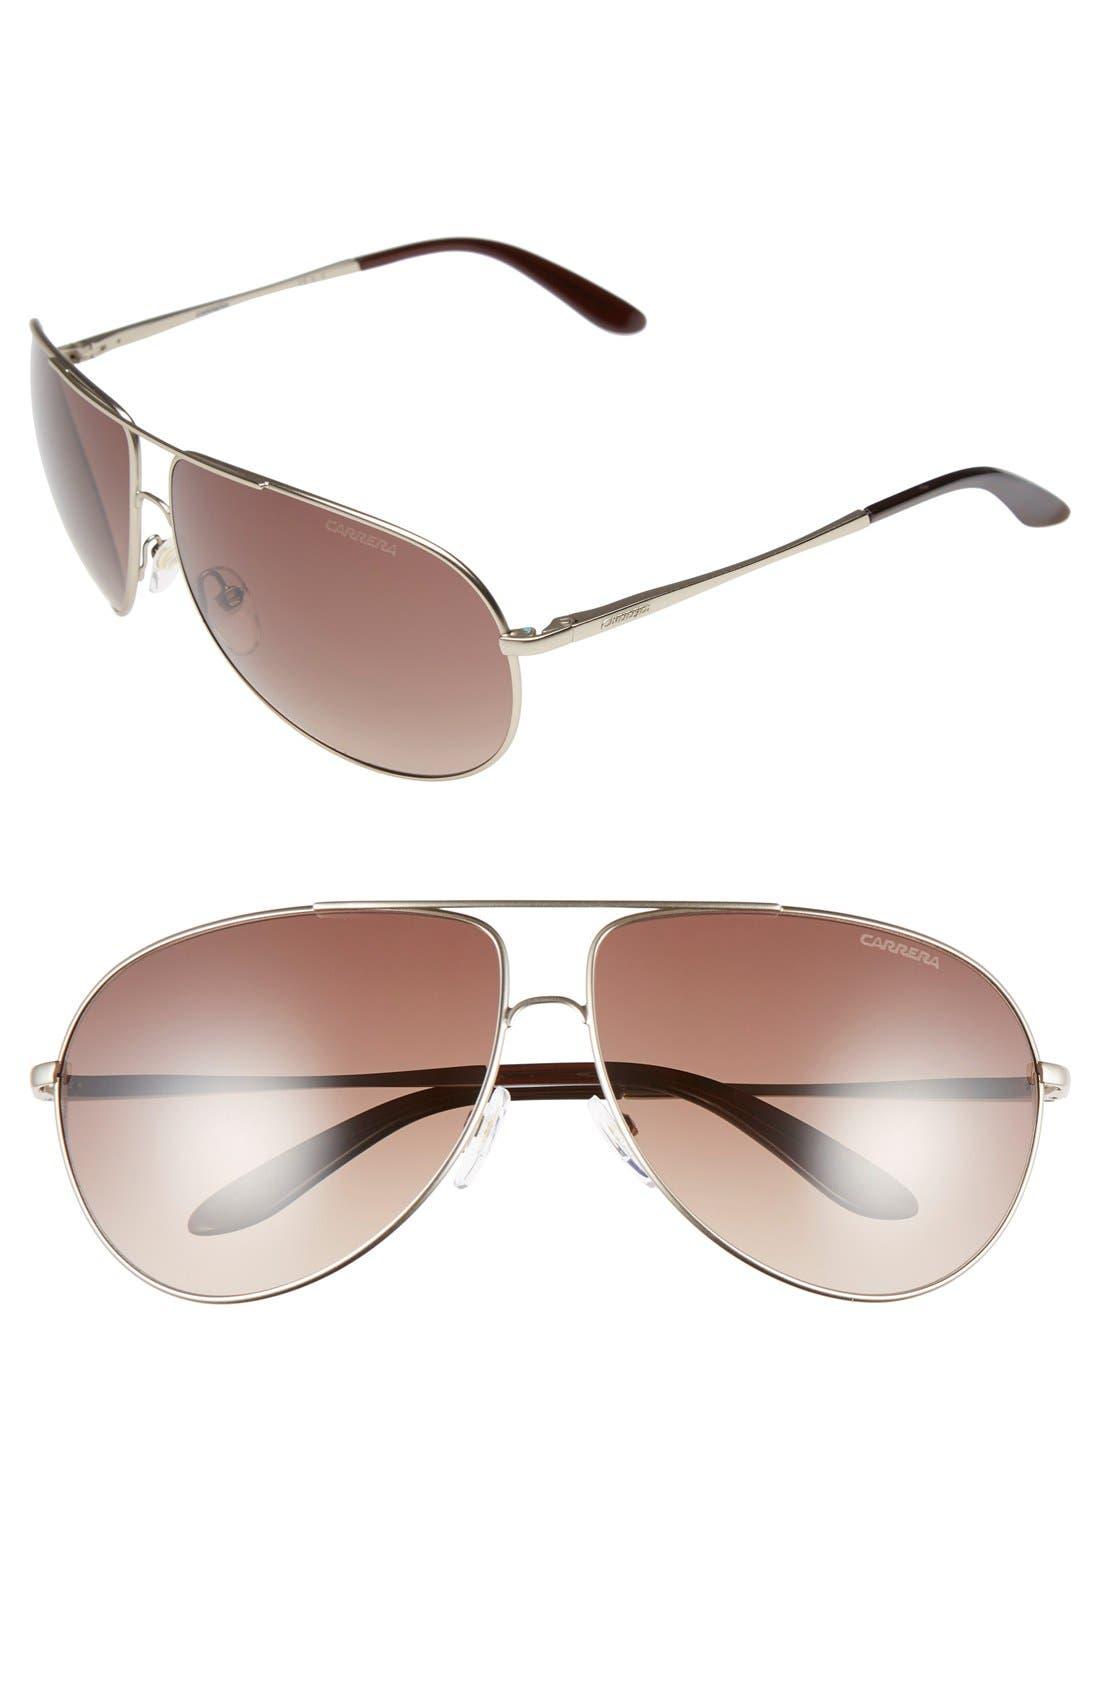 64mm Aviator Sunglasses,                         Main,                         color, Semi Matte Gold